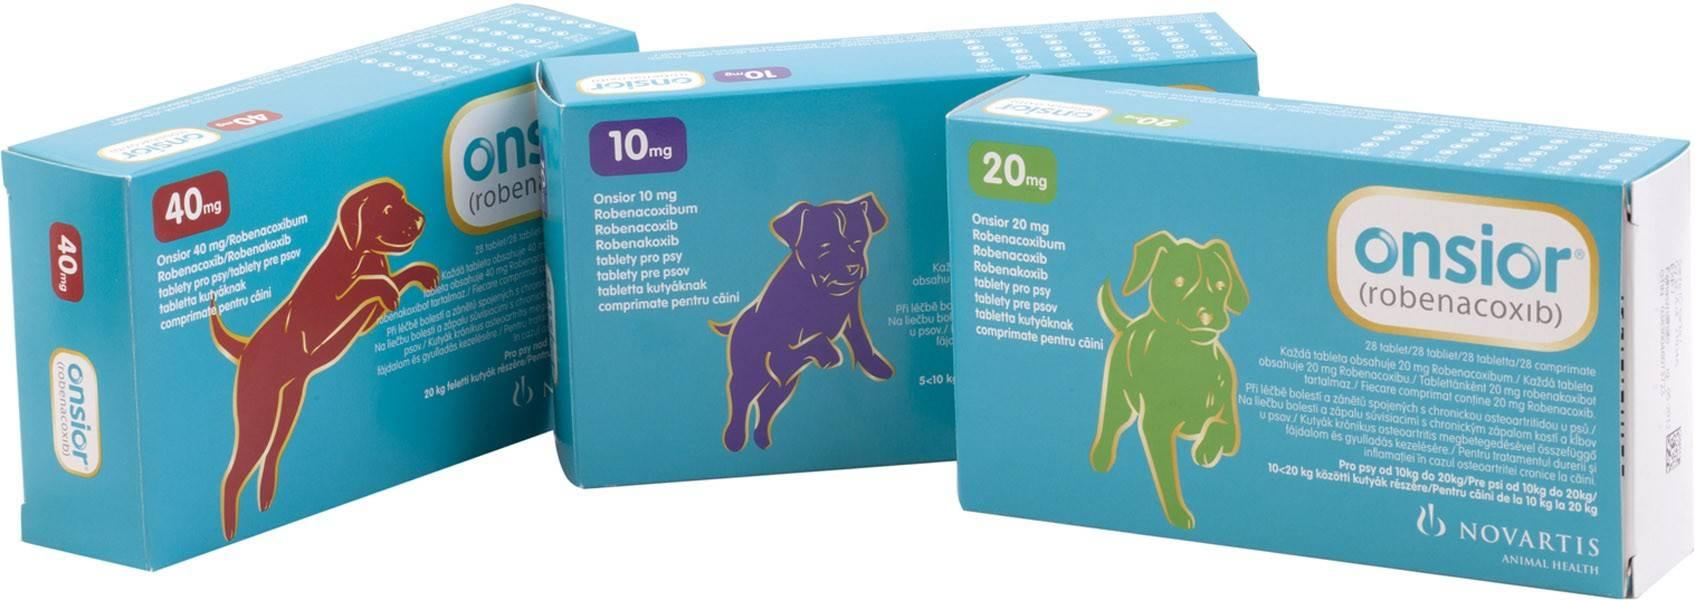 Онсиор для собак: инструкция по применению, состав и действие, отзывы специалистов